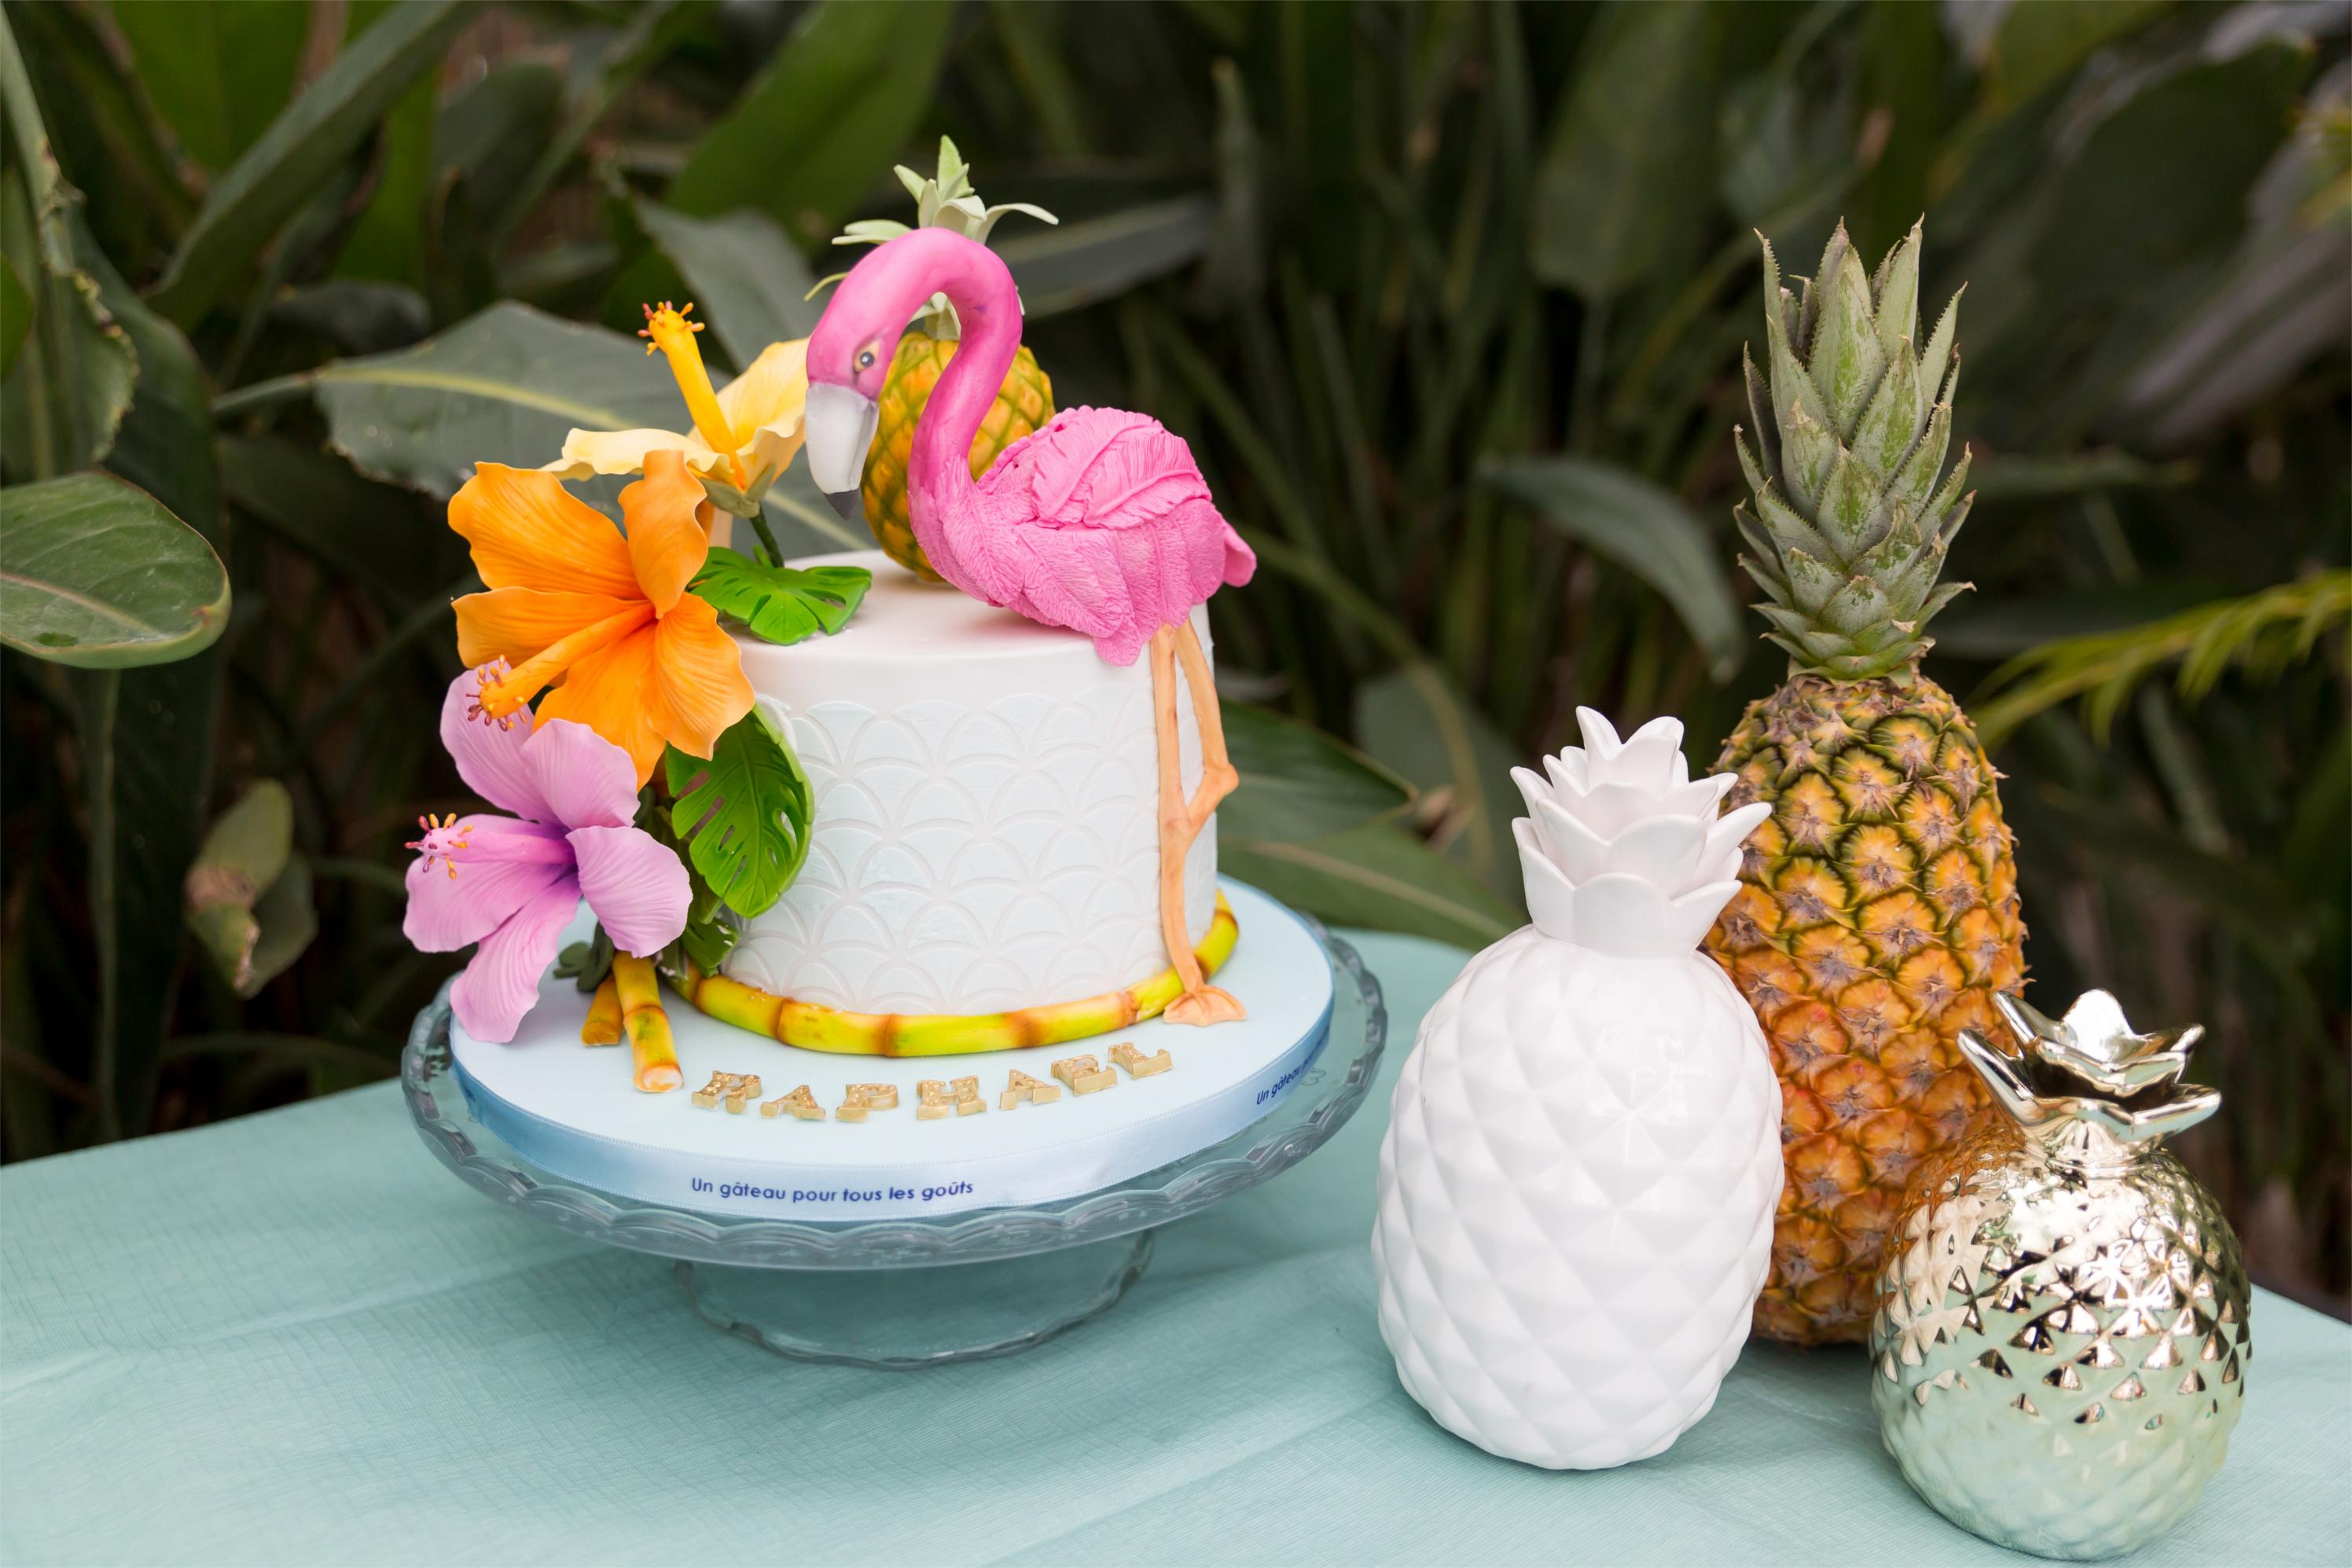 Gâteau tropical party